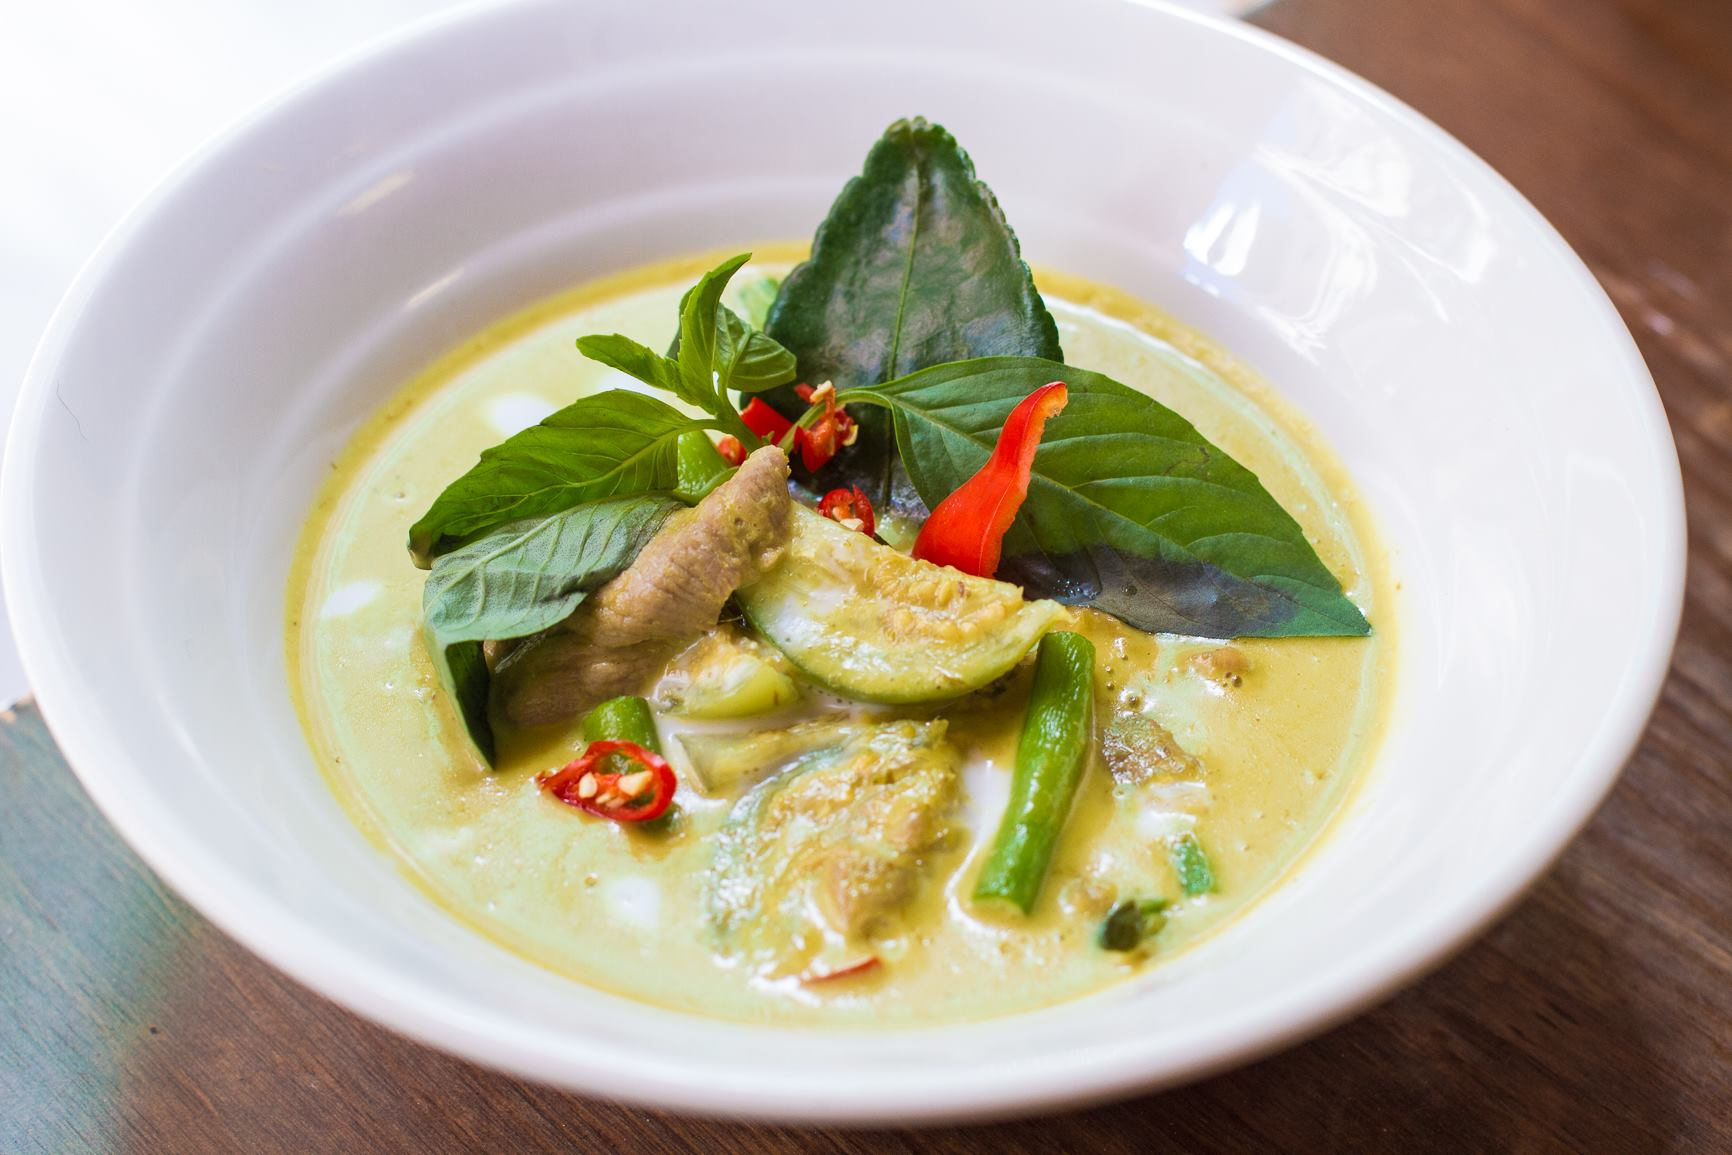 Gaeng Kiew Wan (Thai green curry)